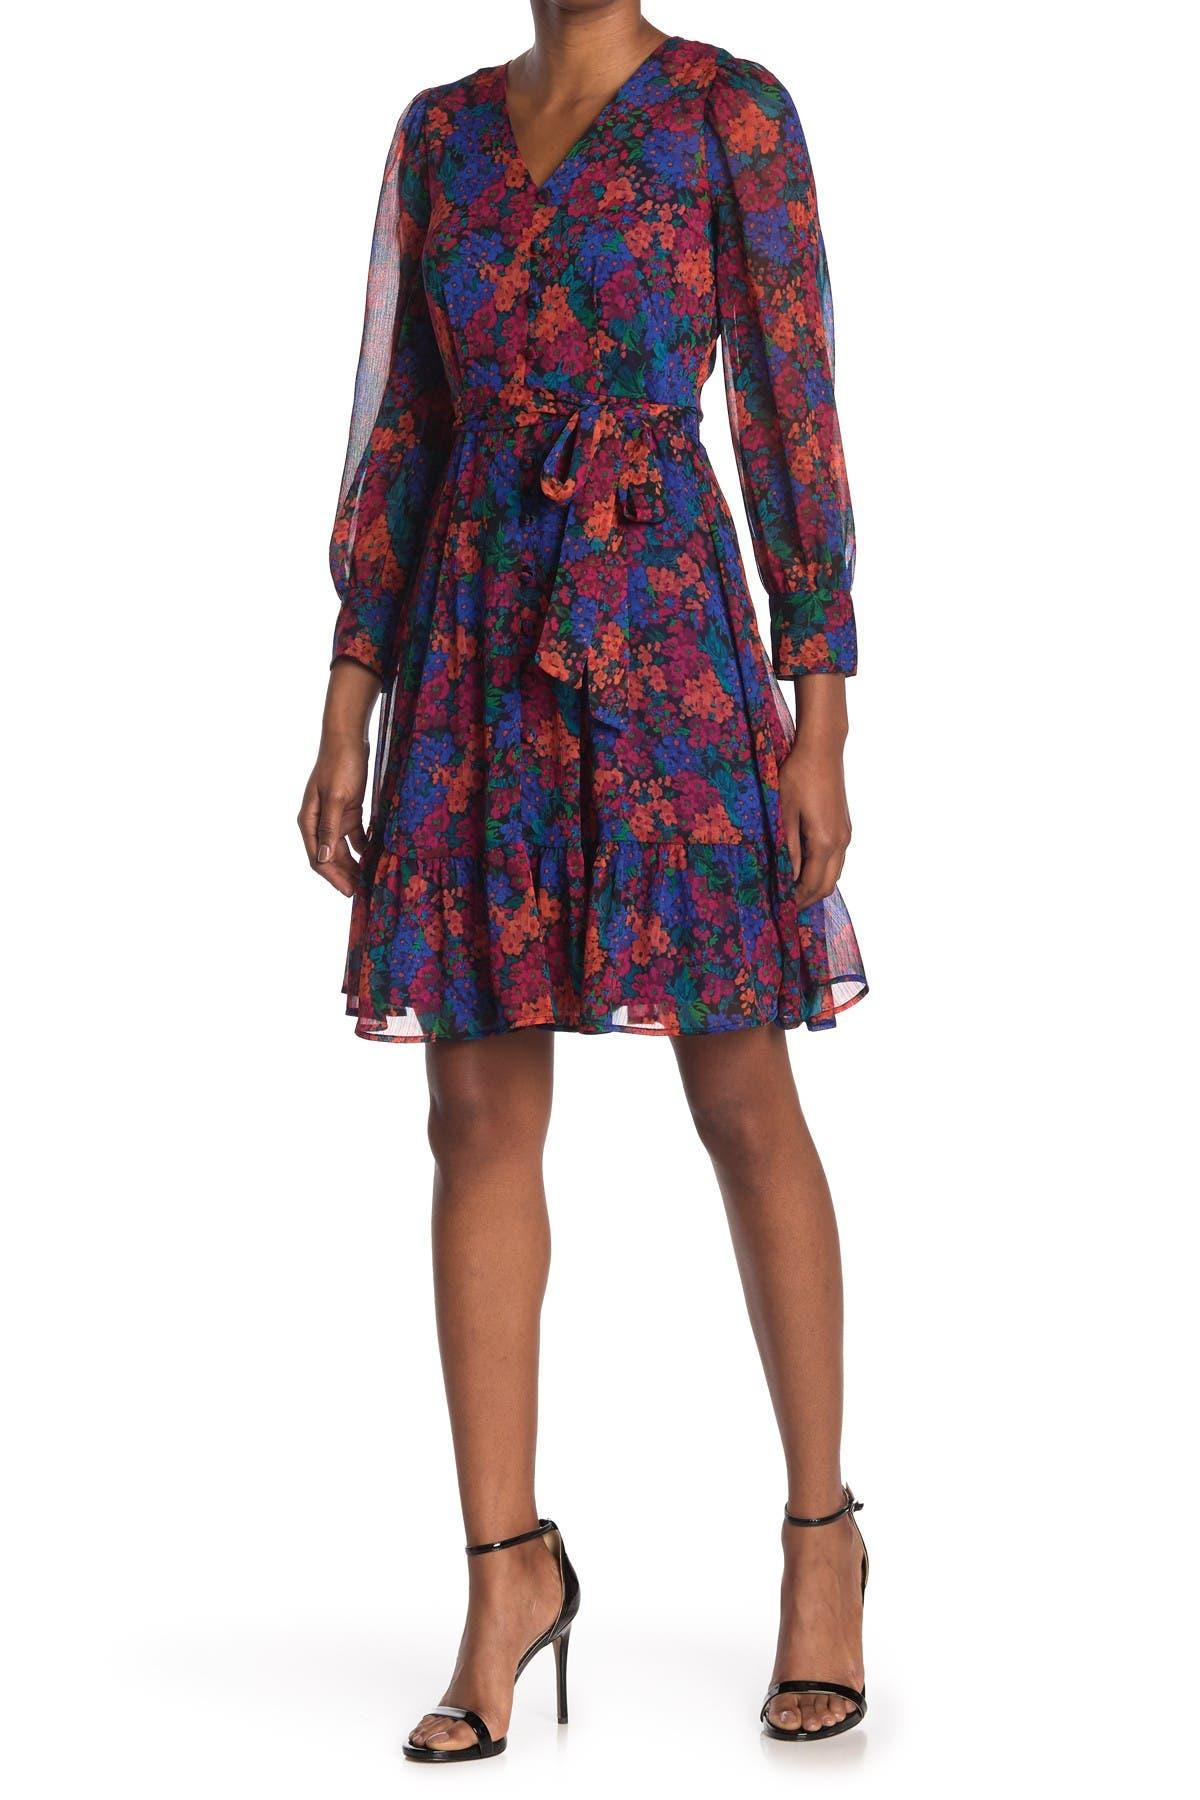 Image of Calvin Klein Floral Waist Tie Dress